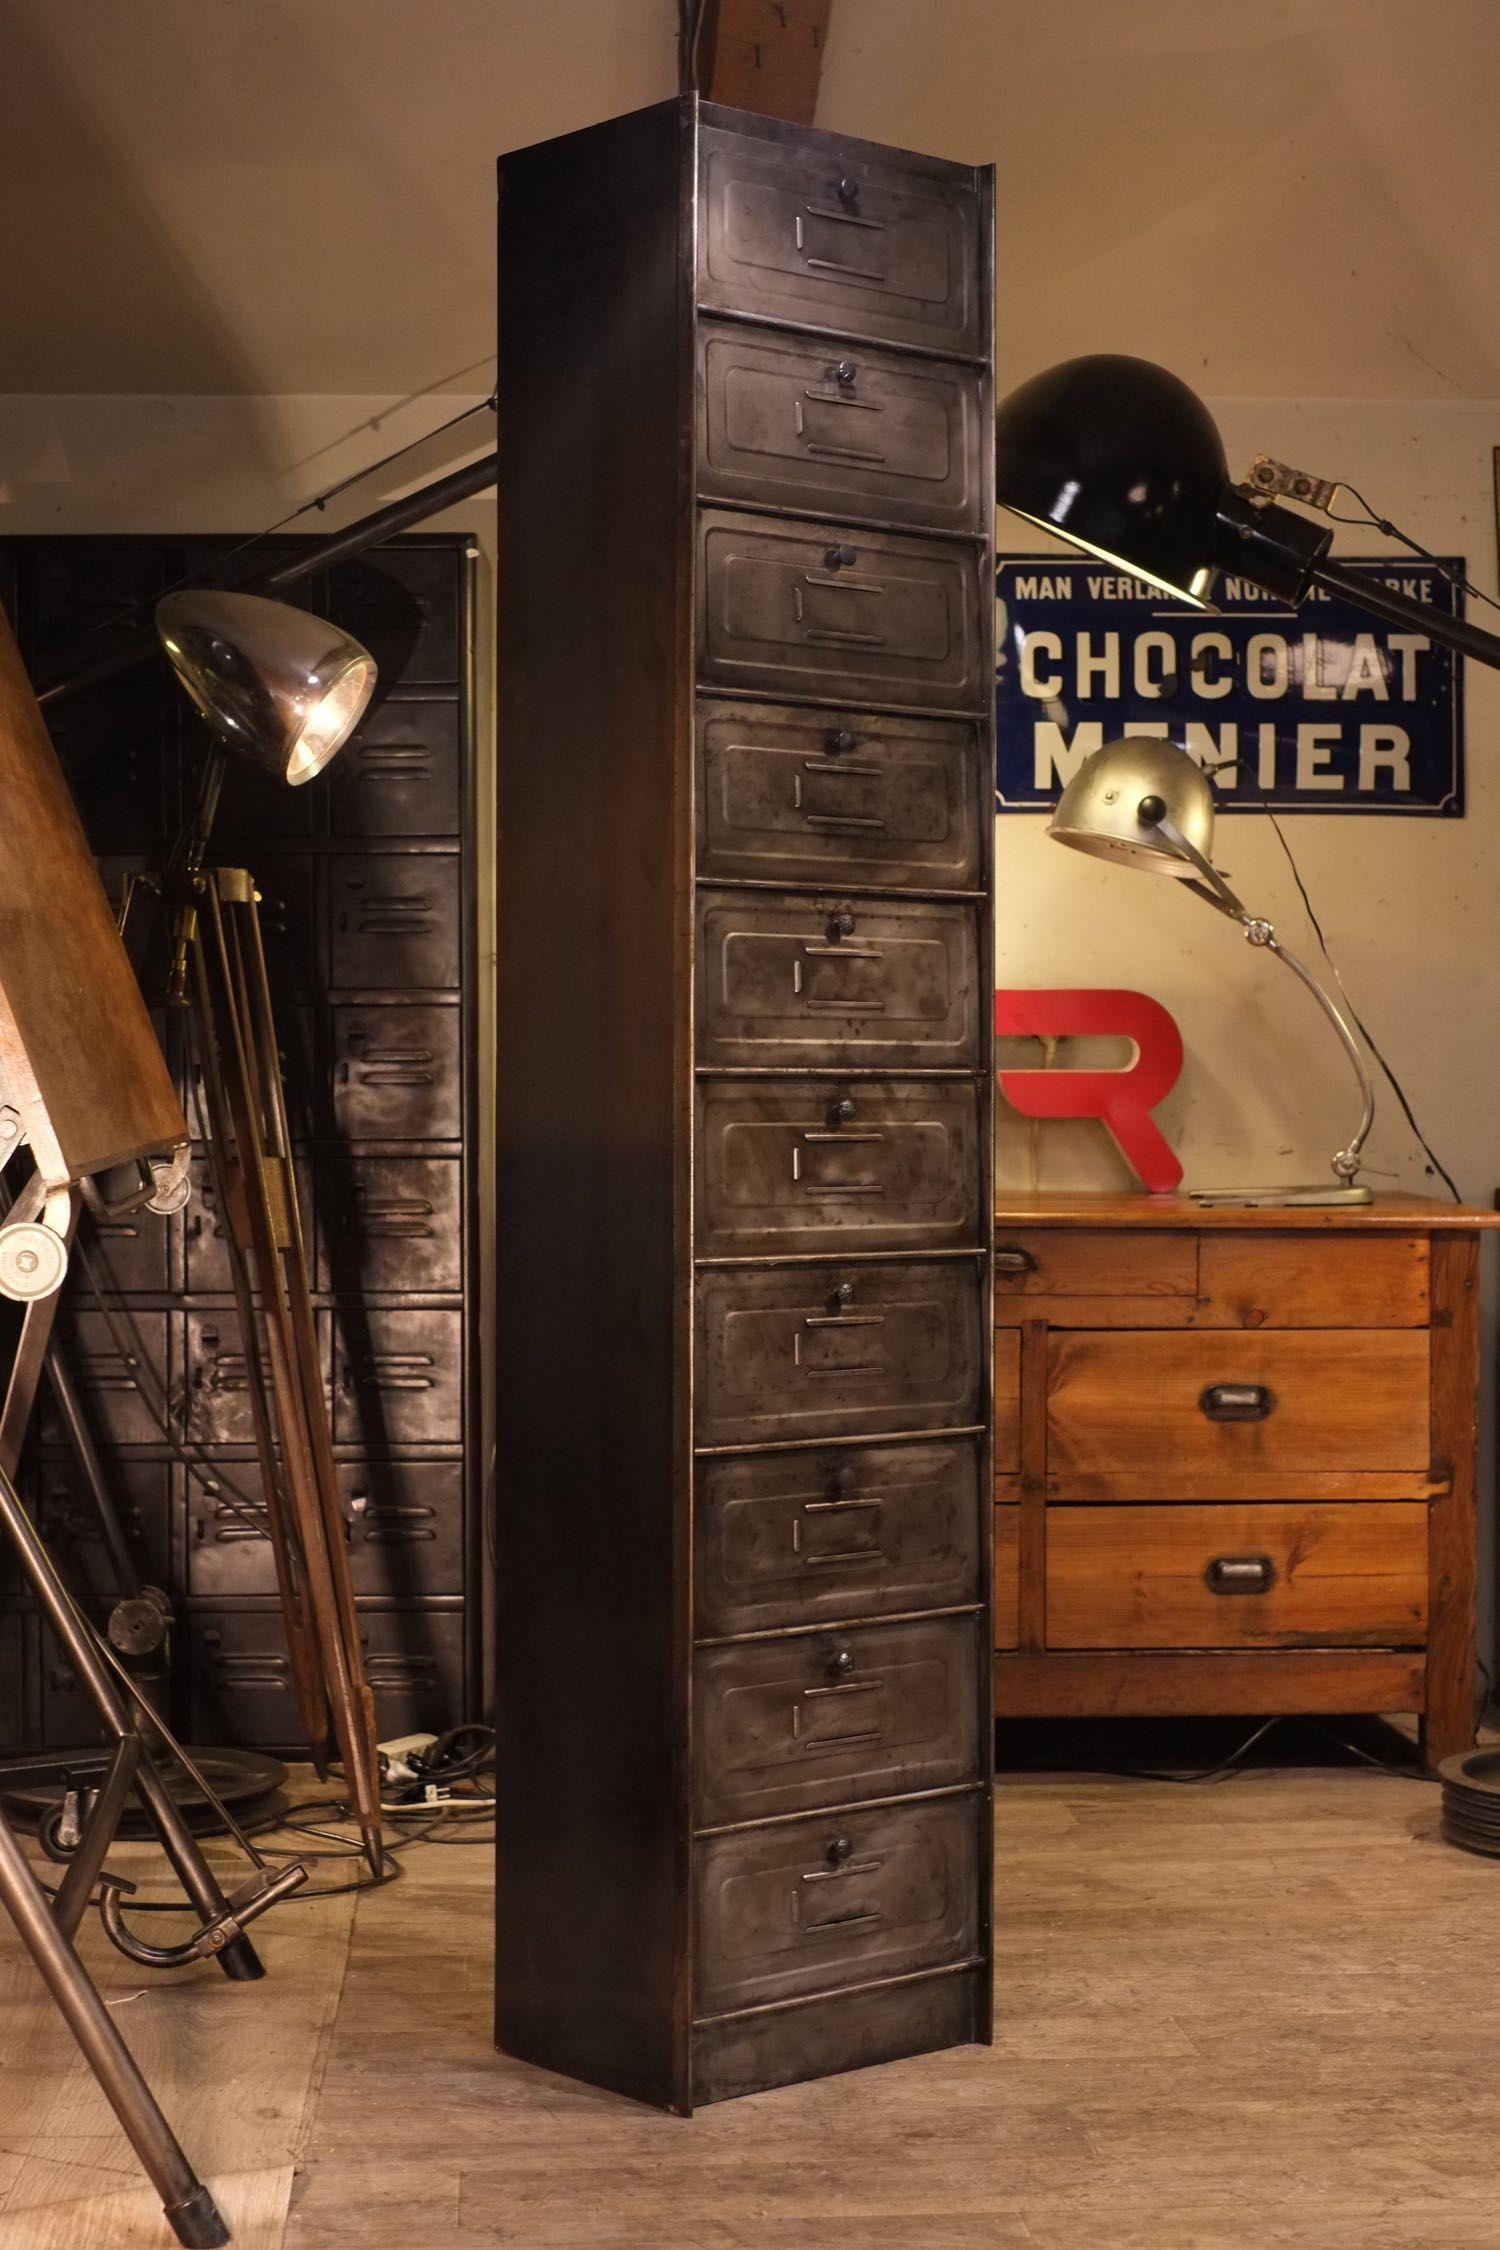 1500 Meuble Industriel Ancien A Clapet5 Jpg 1 500 2 250 Pixels Locker Storage Decor Home Decor